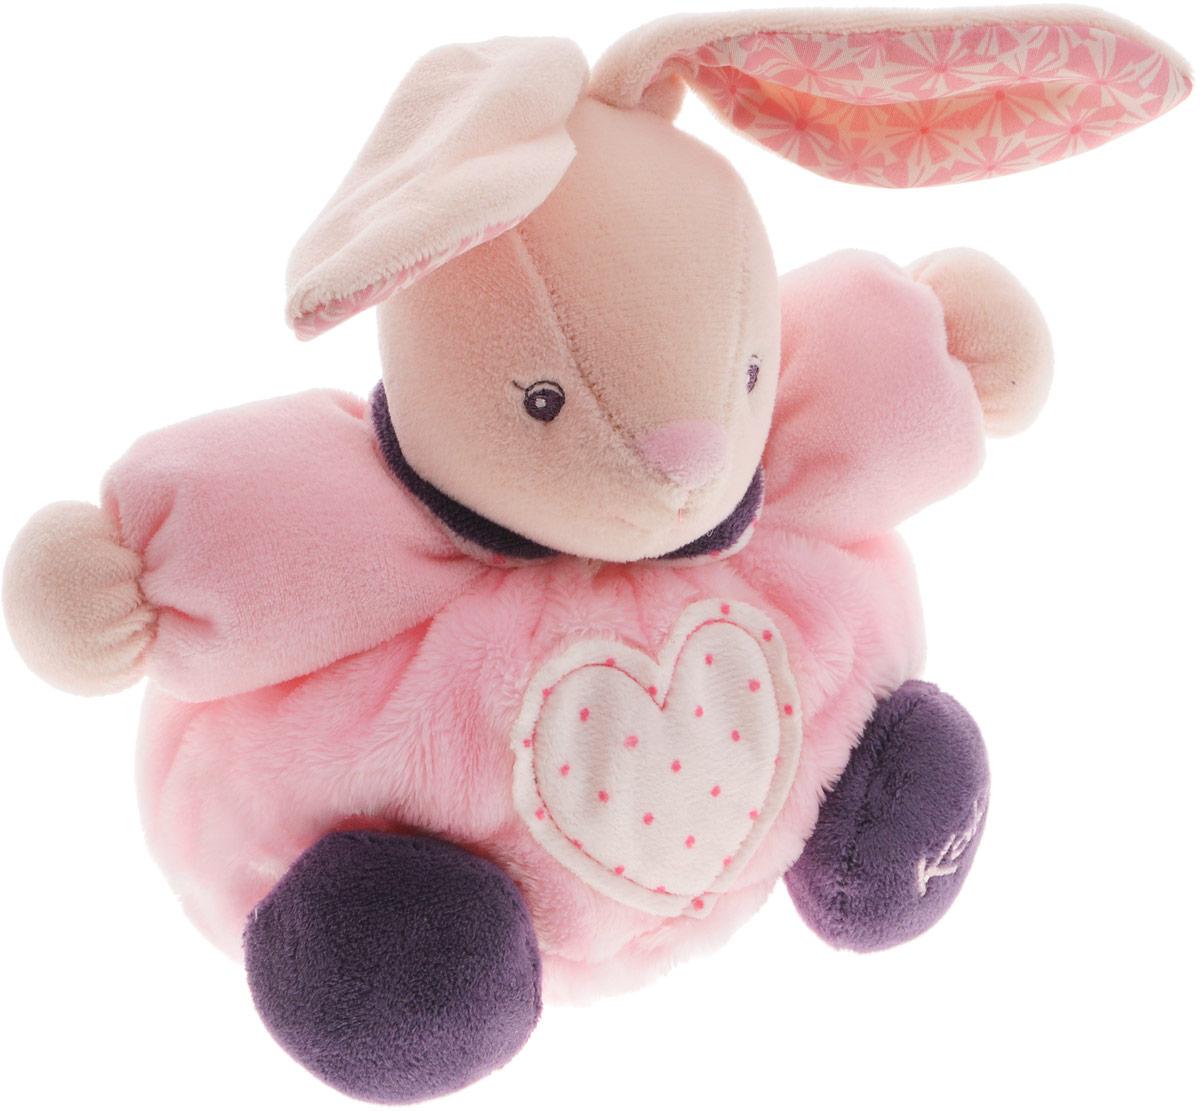 Kaloo Мягкая игрушка Заяц Сердце 16 смK969863Очаровательная мягкая игрушка Kaloo Заяц. Сердце надолго станет постоянным спутником малыша и его любимой игрушкой. Изделие выполнено из мягкого материала различных цветов. На животике зайчонка имеется аппликация в виде сердца, на лапке зайчика вышит фирменный логотип Kaloo. Игры с мягкими игрушками развивают тактильную чувствительность и сенсорное восприятие. После стирки изделие не деформируется и не меняет внешний вид. Все игрушки Kaloo прошли множественные тесты и соответствуют мировым стандартам безопасности. Именно поэтому игрушки рекомендованы для детей с рождения, что отличает их от большинства производителей мягких игрушек. Дизайнеры Kaloo продумывают и придают значение каждому этапу в производстве игрушек, начиная от эскиза и заканчивая упаковкой готового изделия.